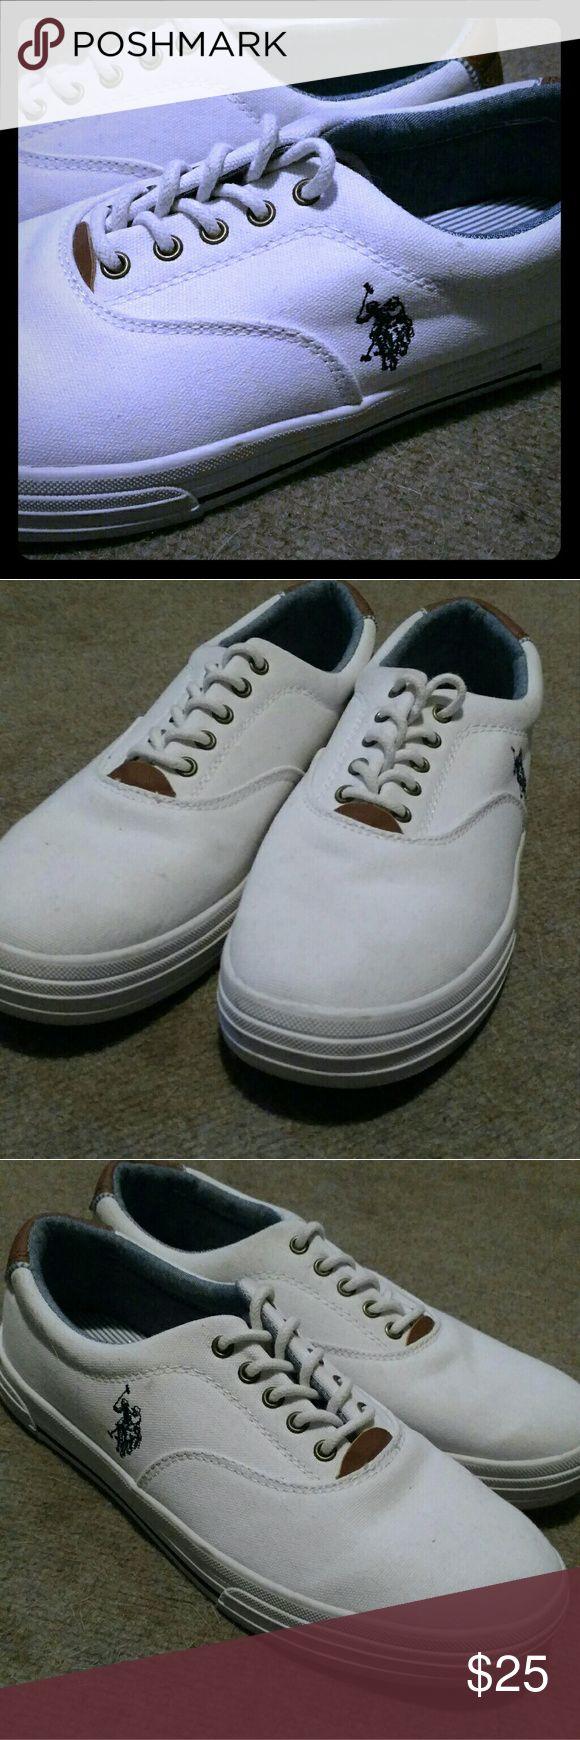 US Polo ASSN mens canvas shoes Men's size 9.5 canvas boat shoes Polo by Ralph Lauren Shoes Boat Shoes